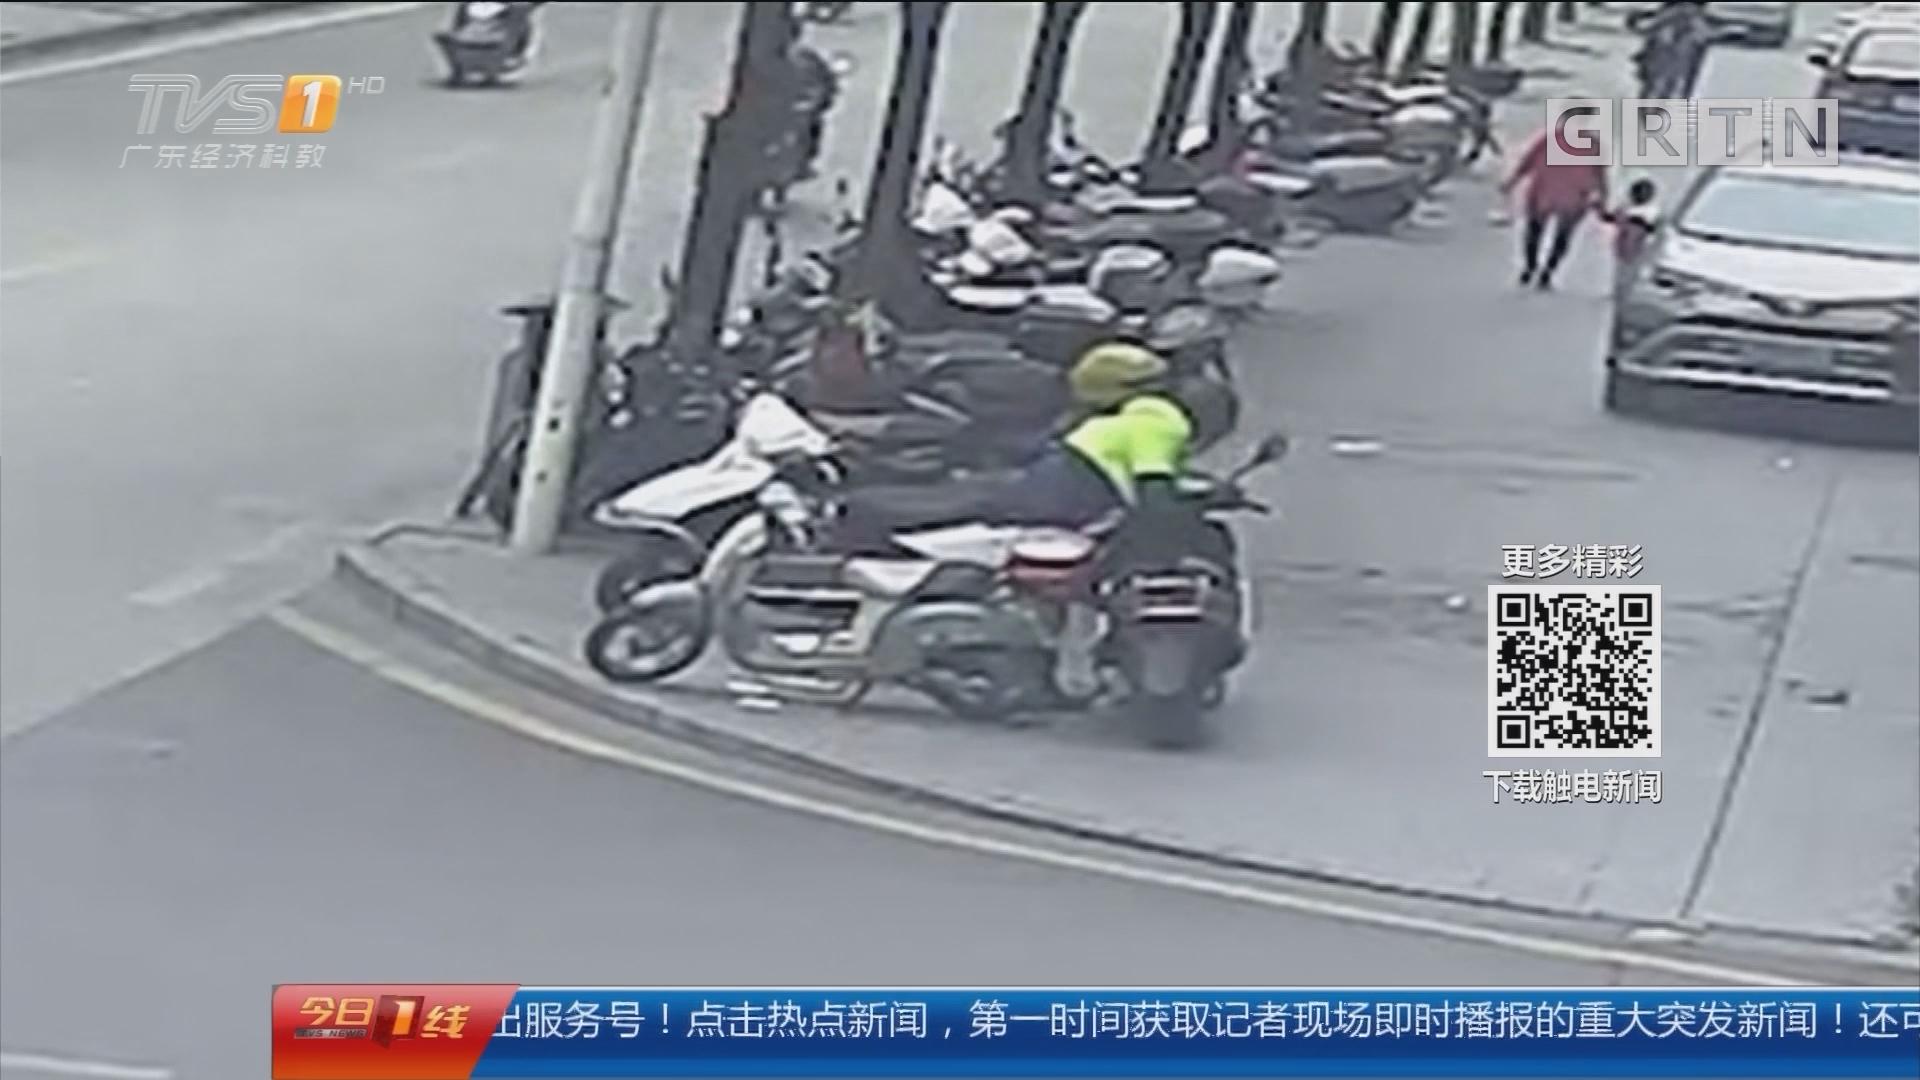 江门鹤山:男子盗电池卖后买毒品 被抓获